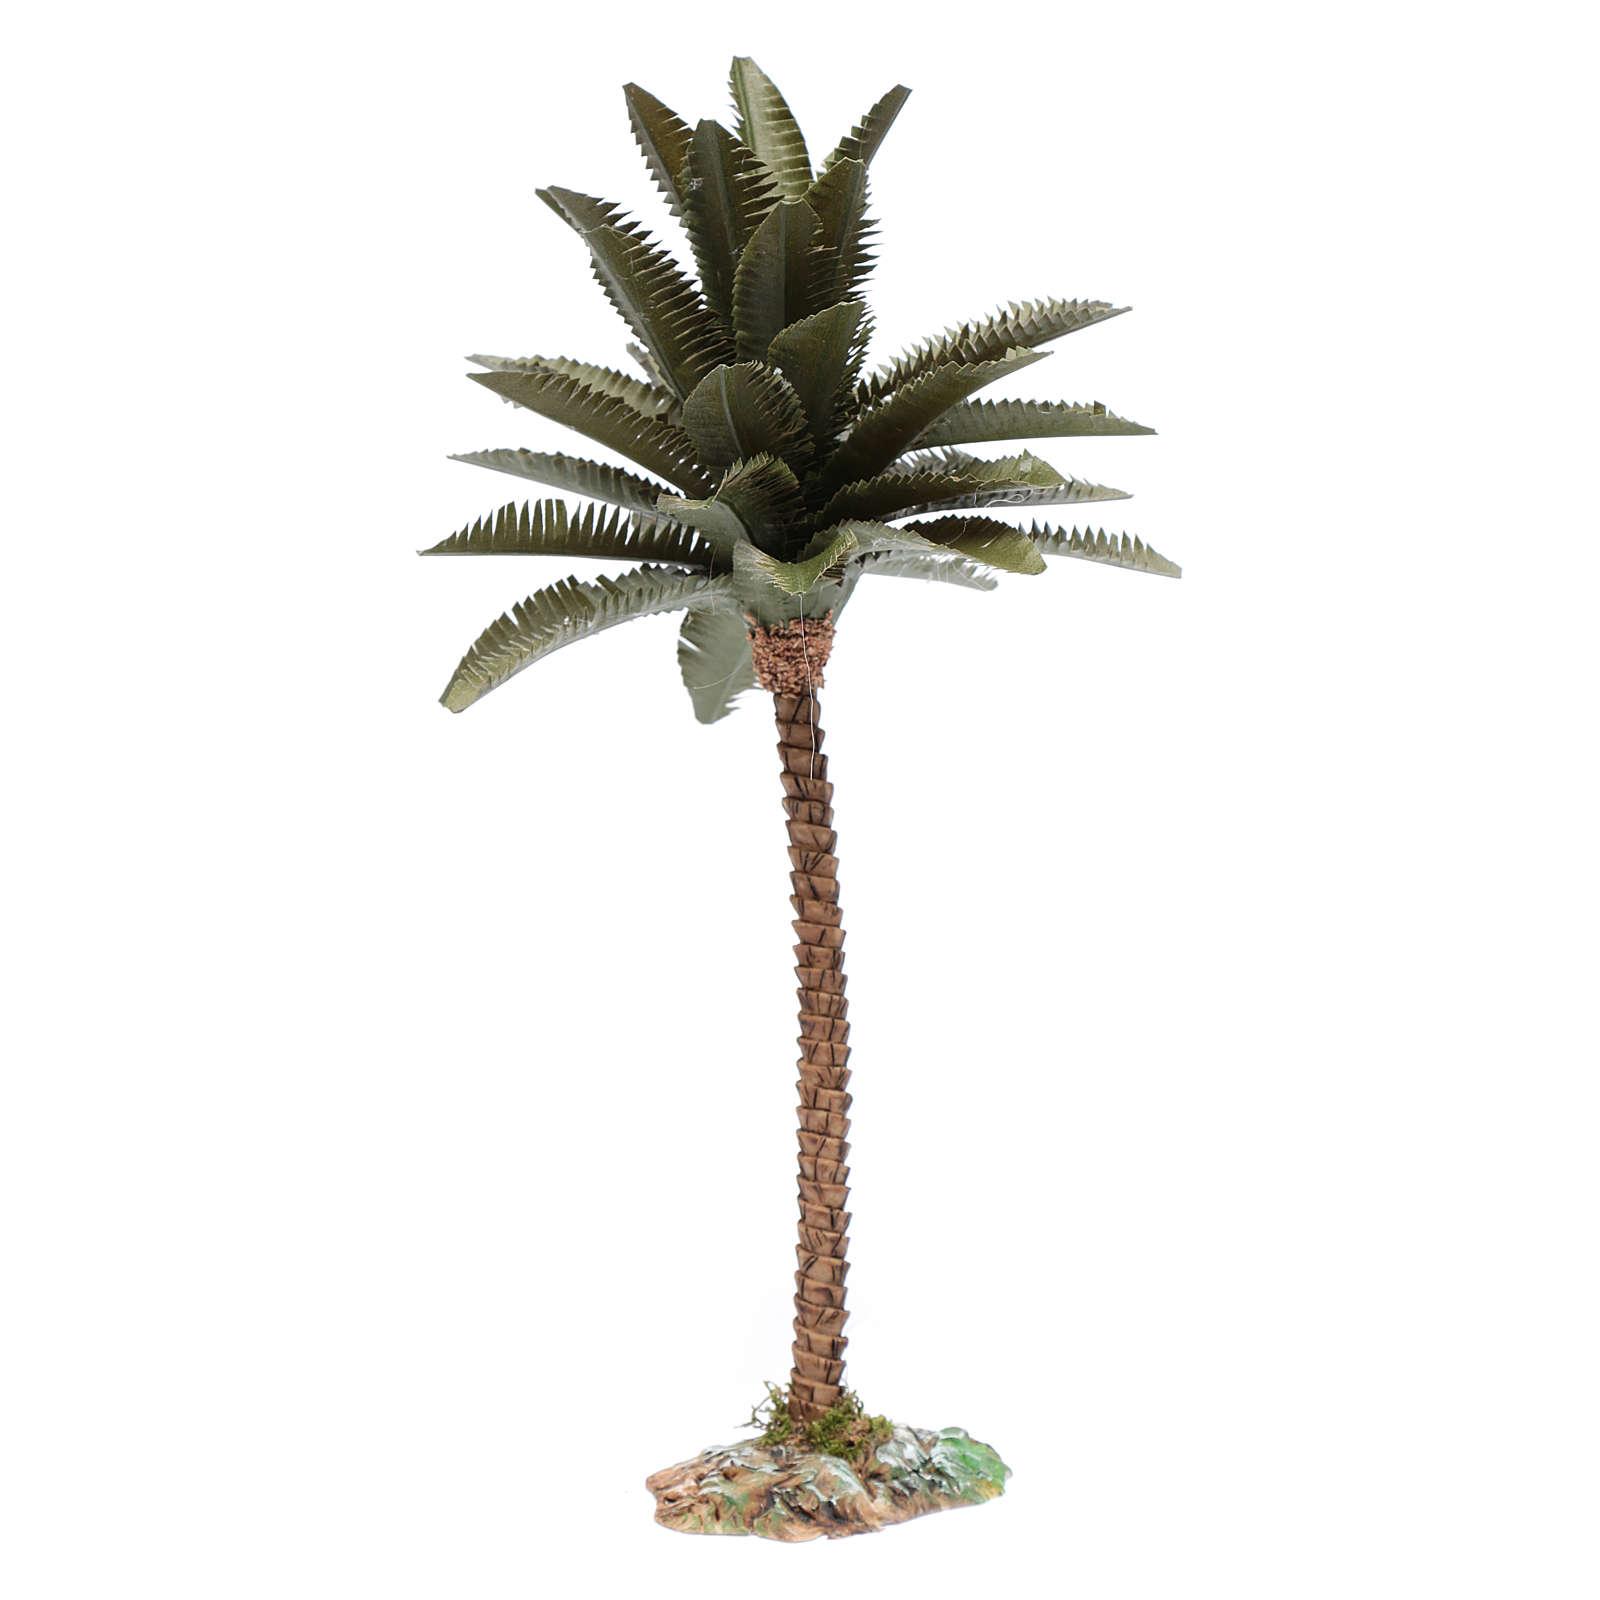 Palma żywica do szopki zrób to sam 25 cm 4